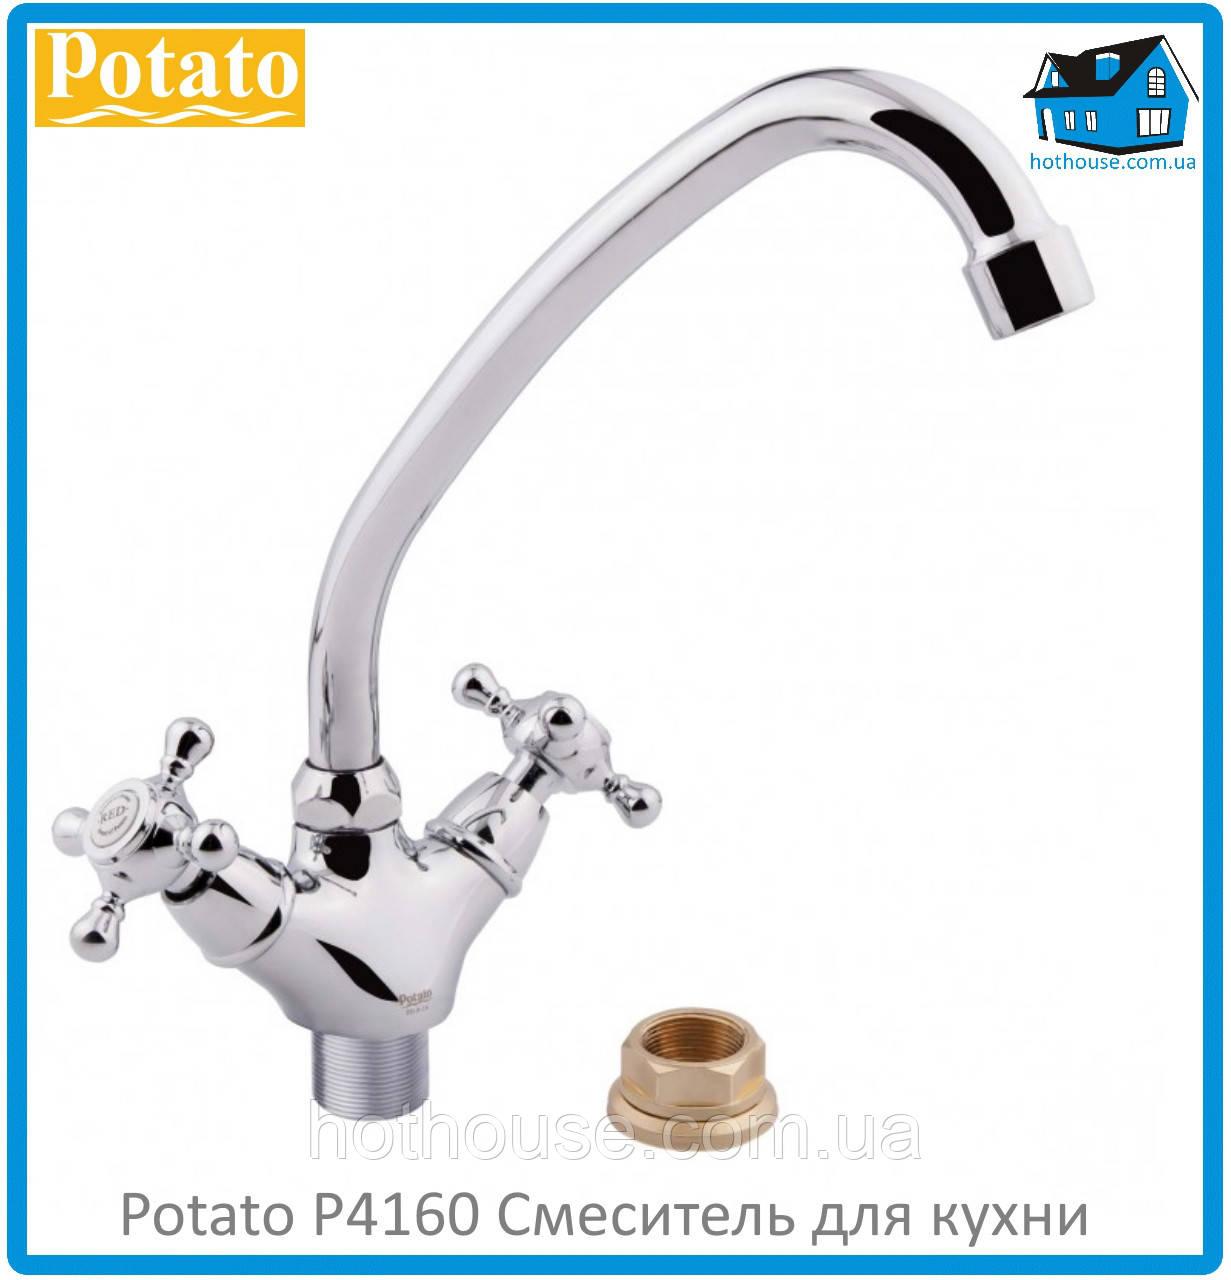 Смеситель для кухни Potato P4160